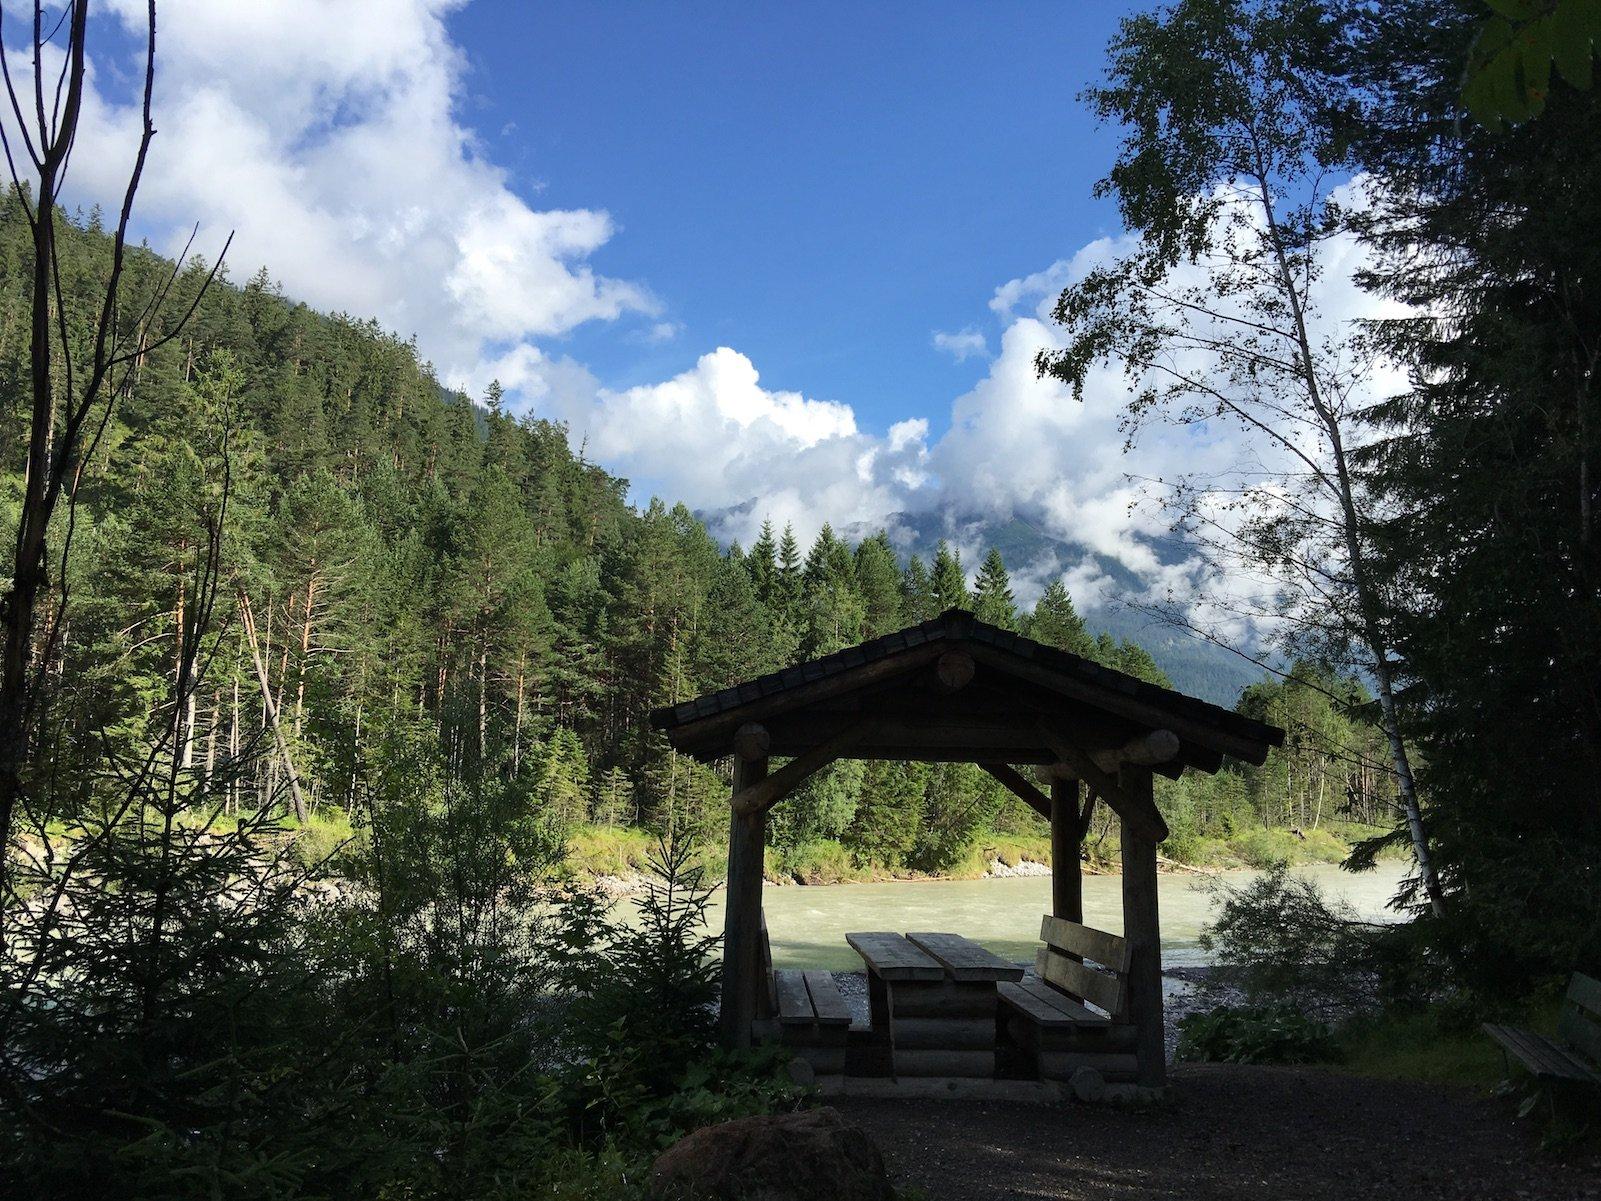 Kleien Rastmöglichkeit mit Hütte am Rande des Lechwegs, kurz nach Stanzach